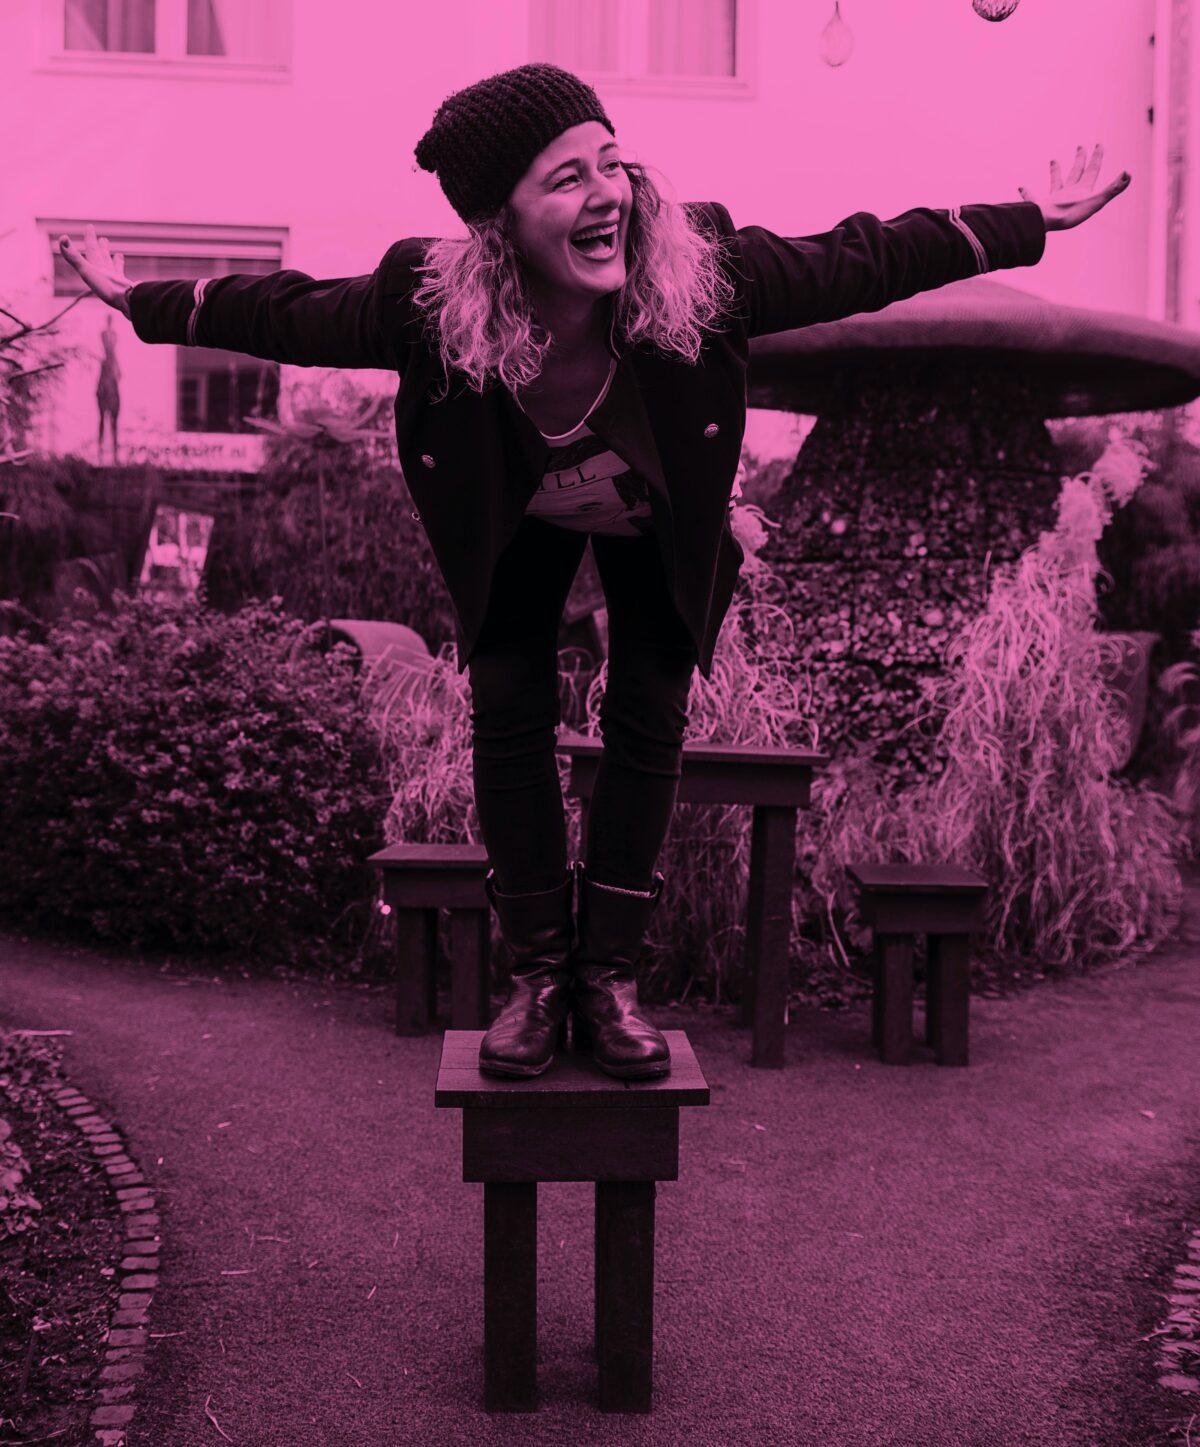 Nicolette Asschermann biedt door 'Five Ways of Wellbeing' gratis geluk - fotografie Bas de Brouwer